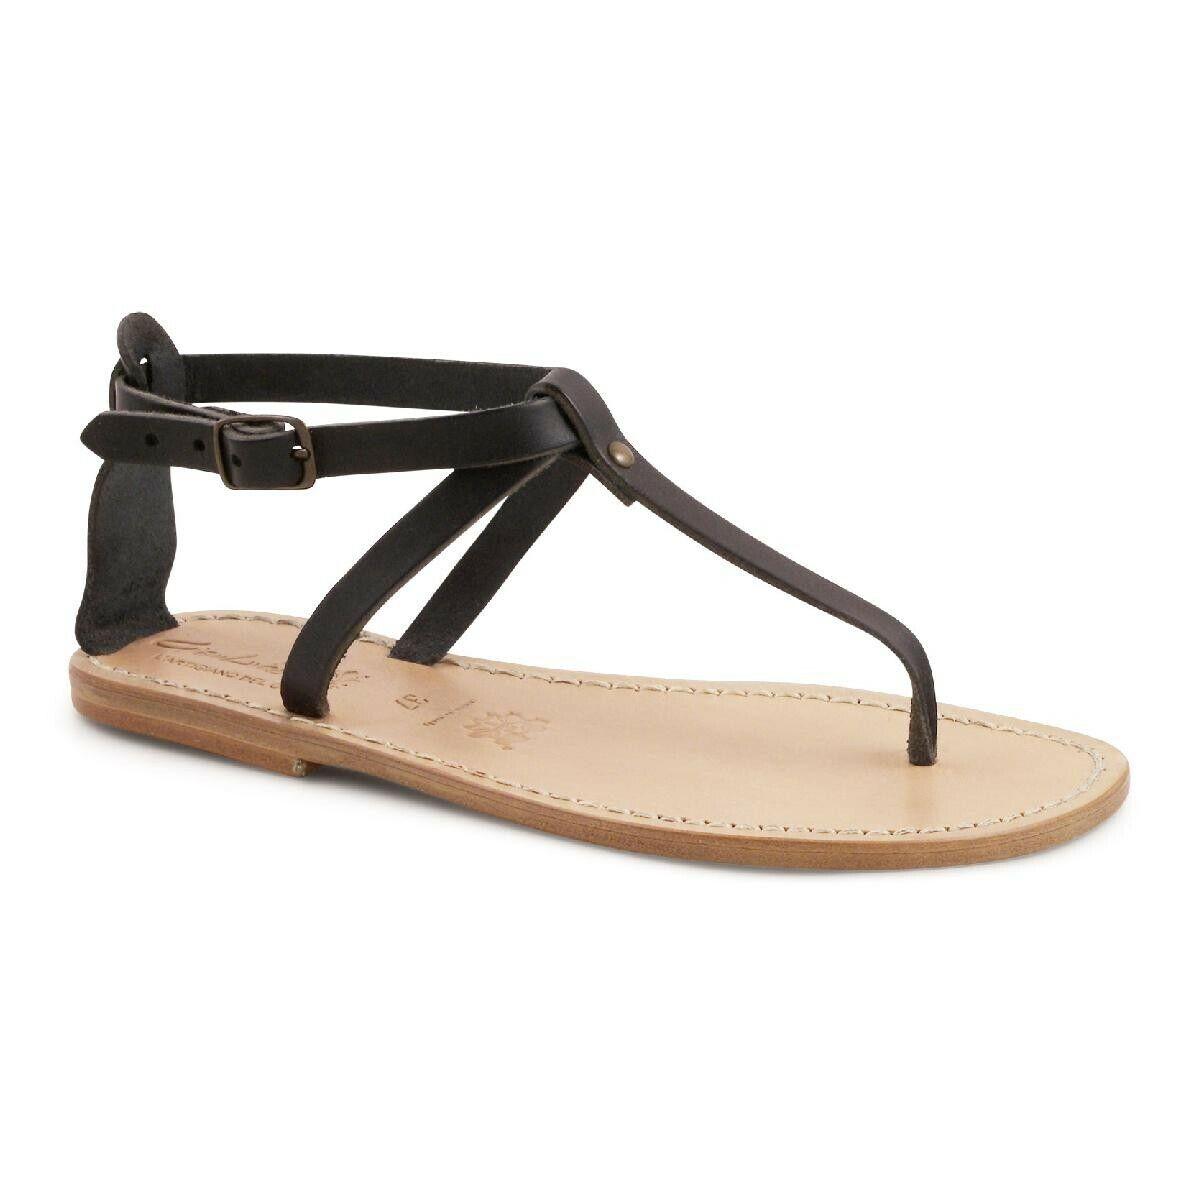 Maschere Donna T  -brep sandali aperte Scarpe piatte in pelle Marroneee scuro Made in   tempo libero